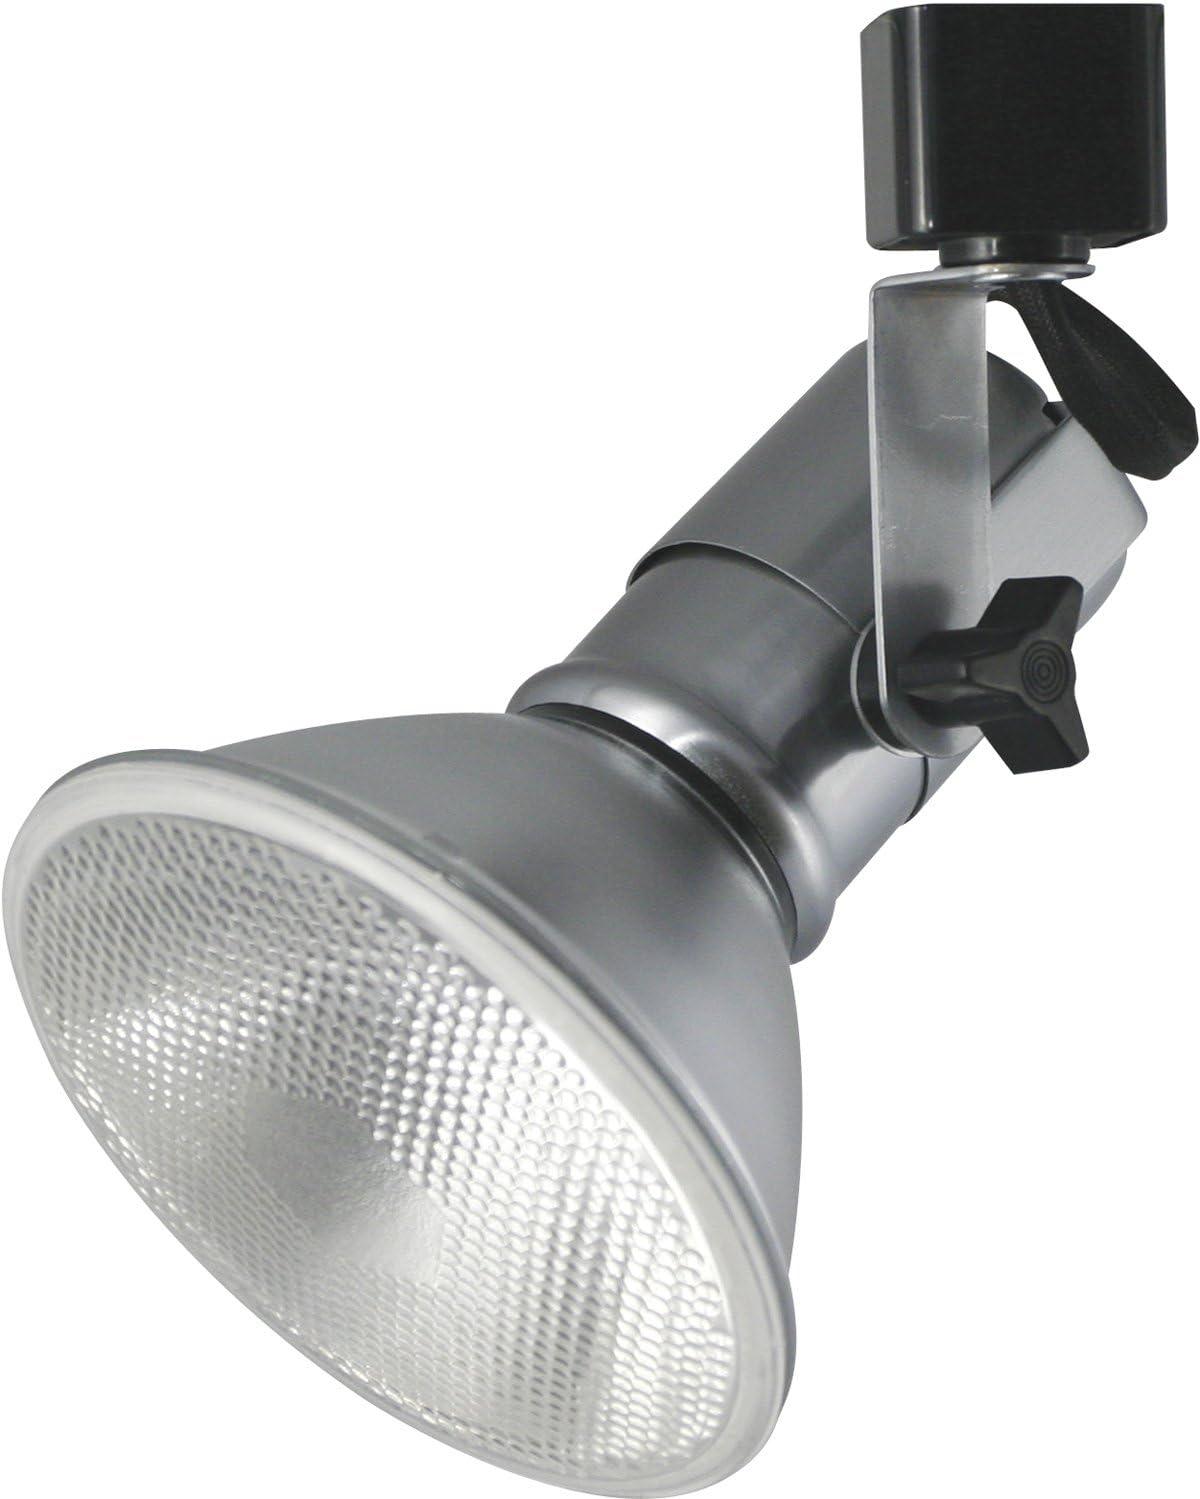 Brushed Steel Cal Lighting HT-226-BS LINE Voltage,Adjustable Universal